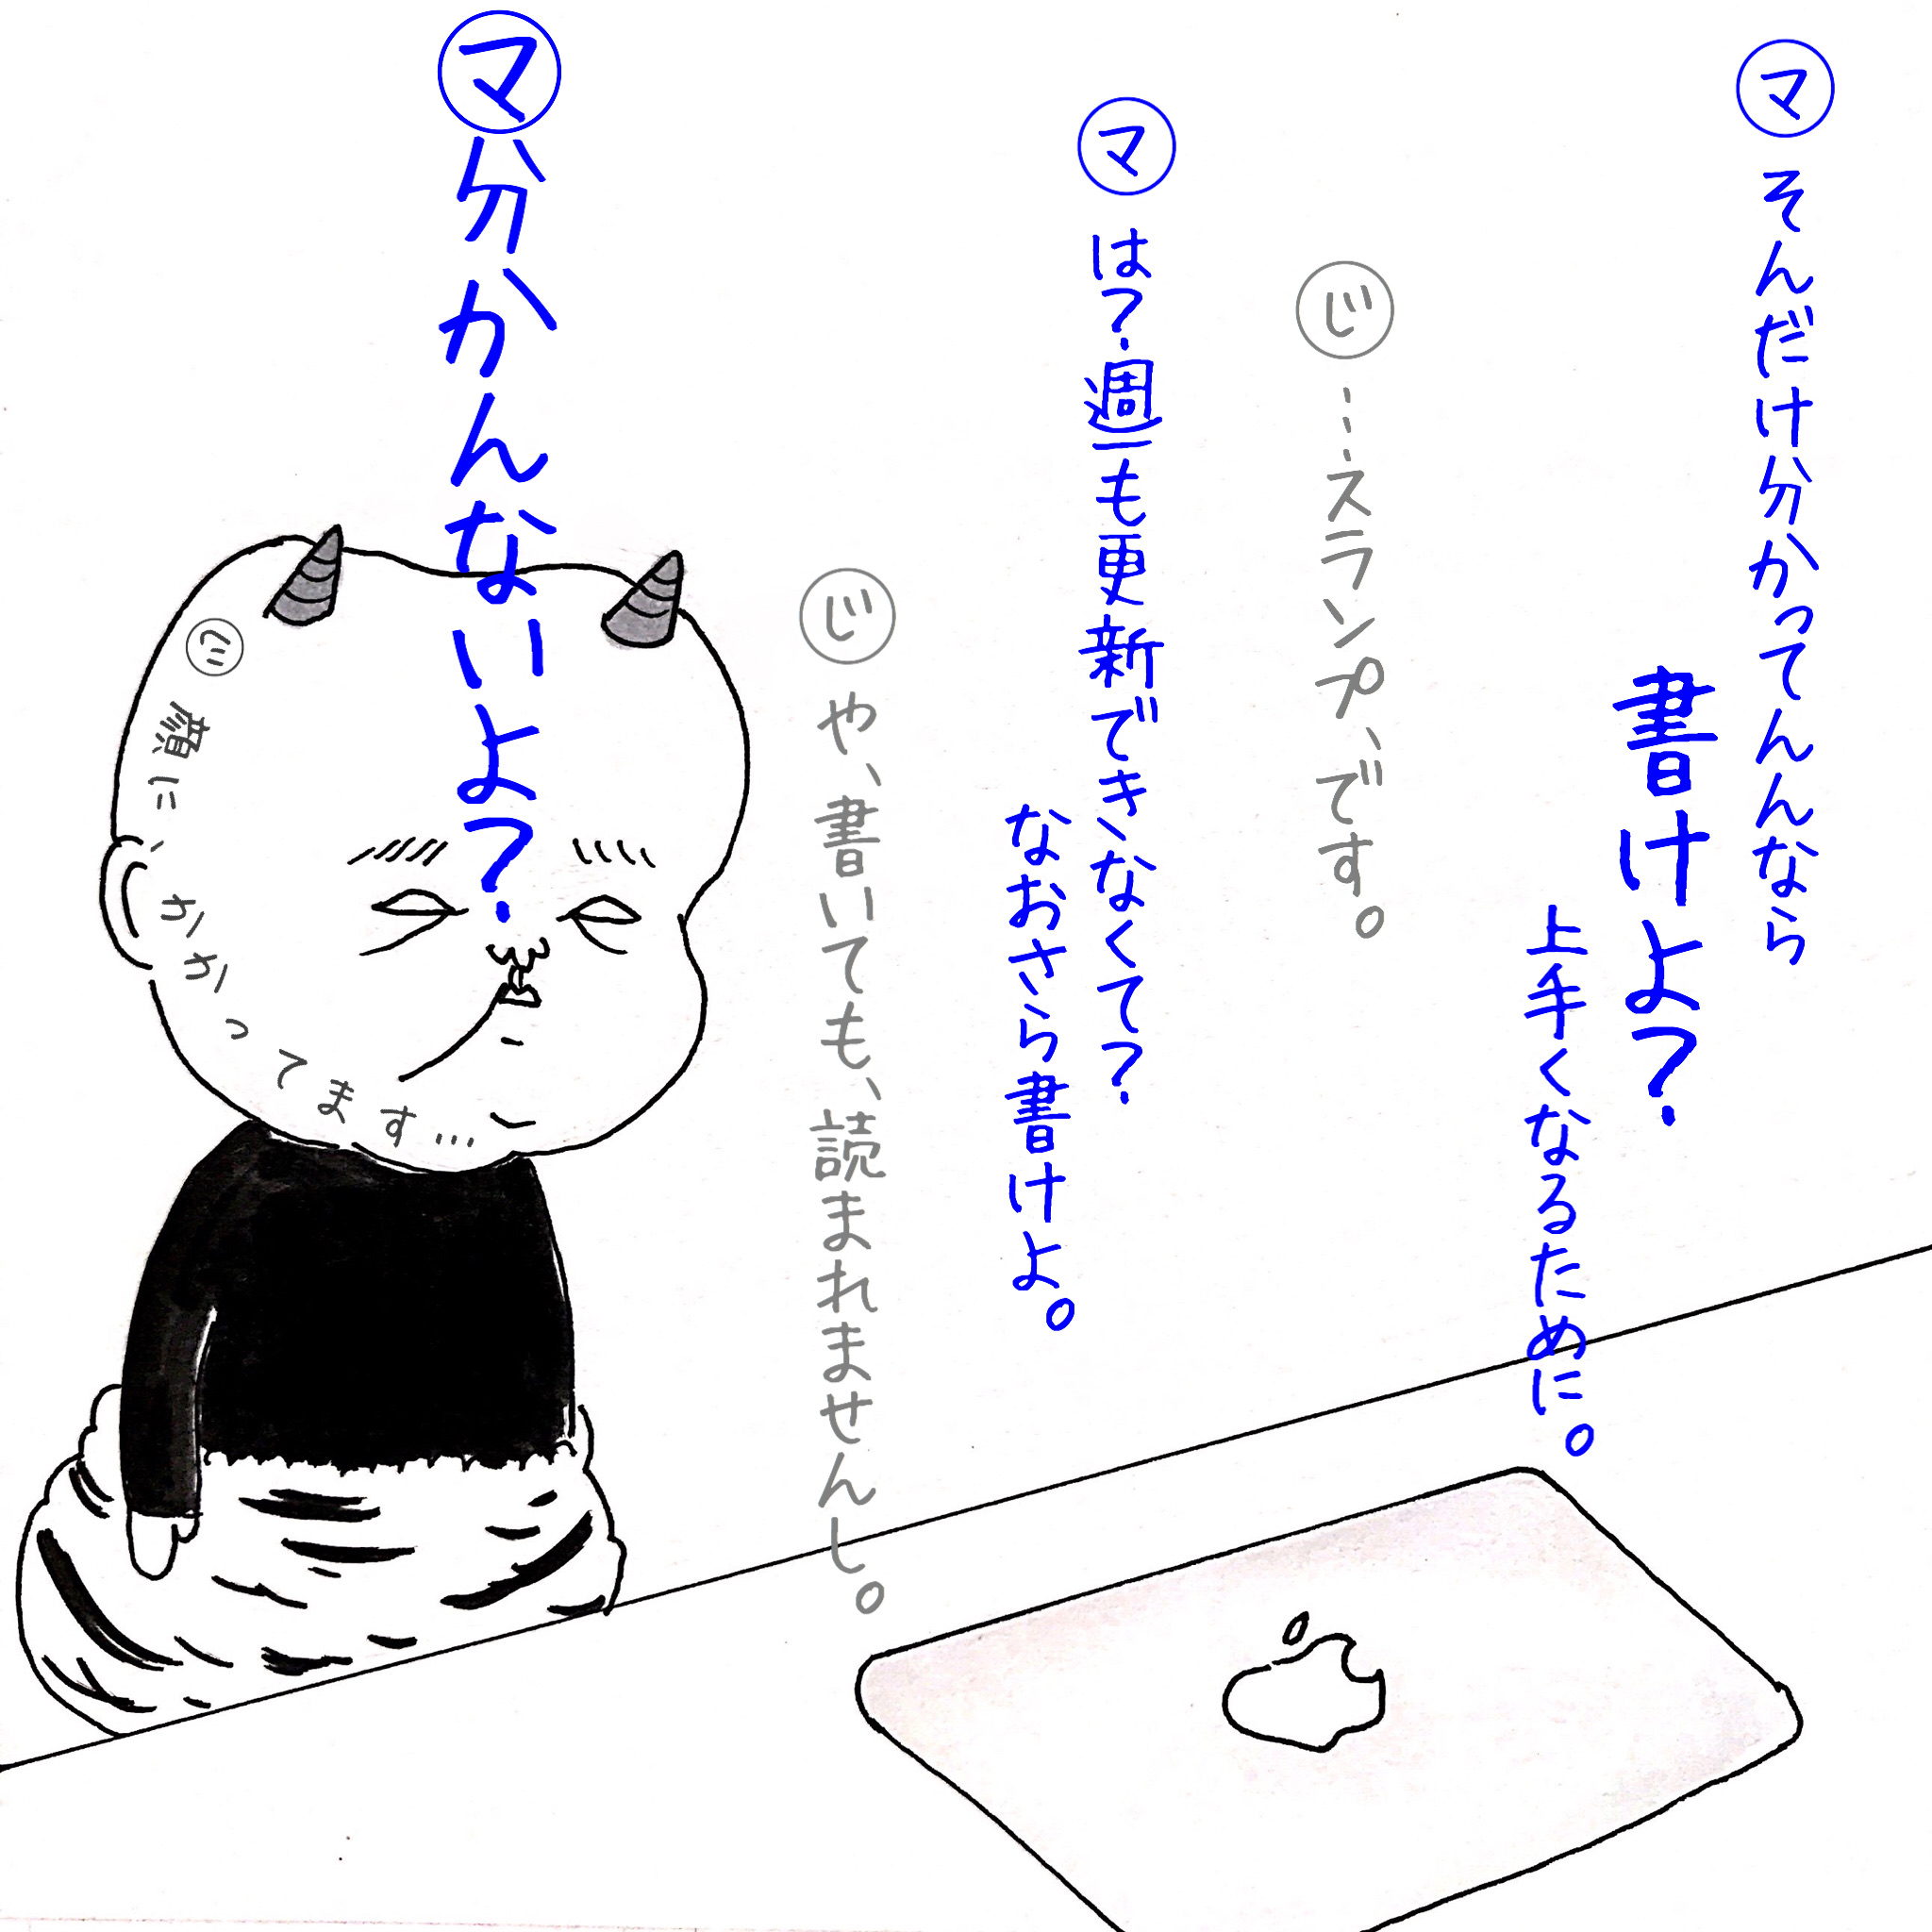 テレパシー会話漫画16